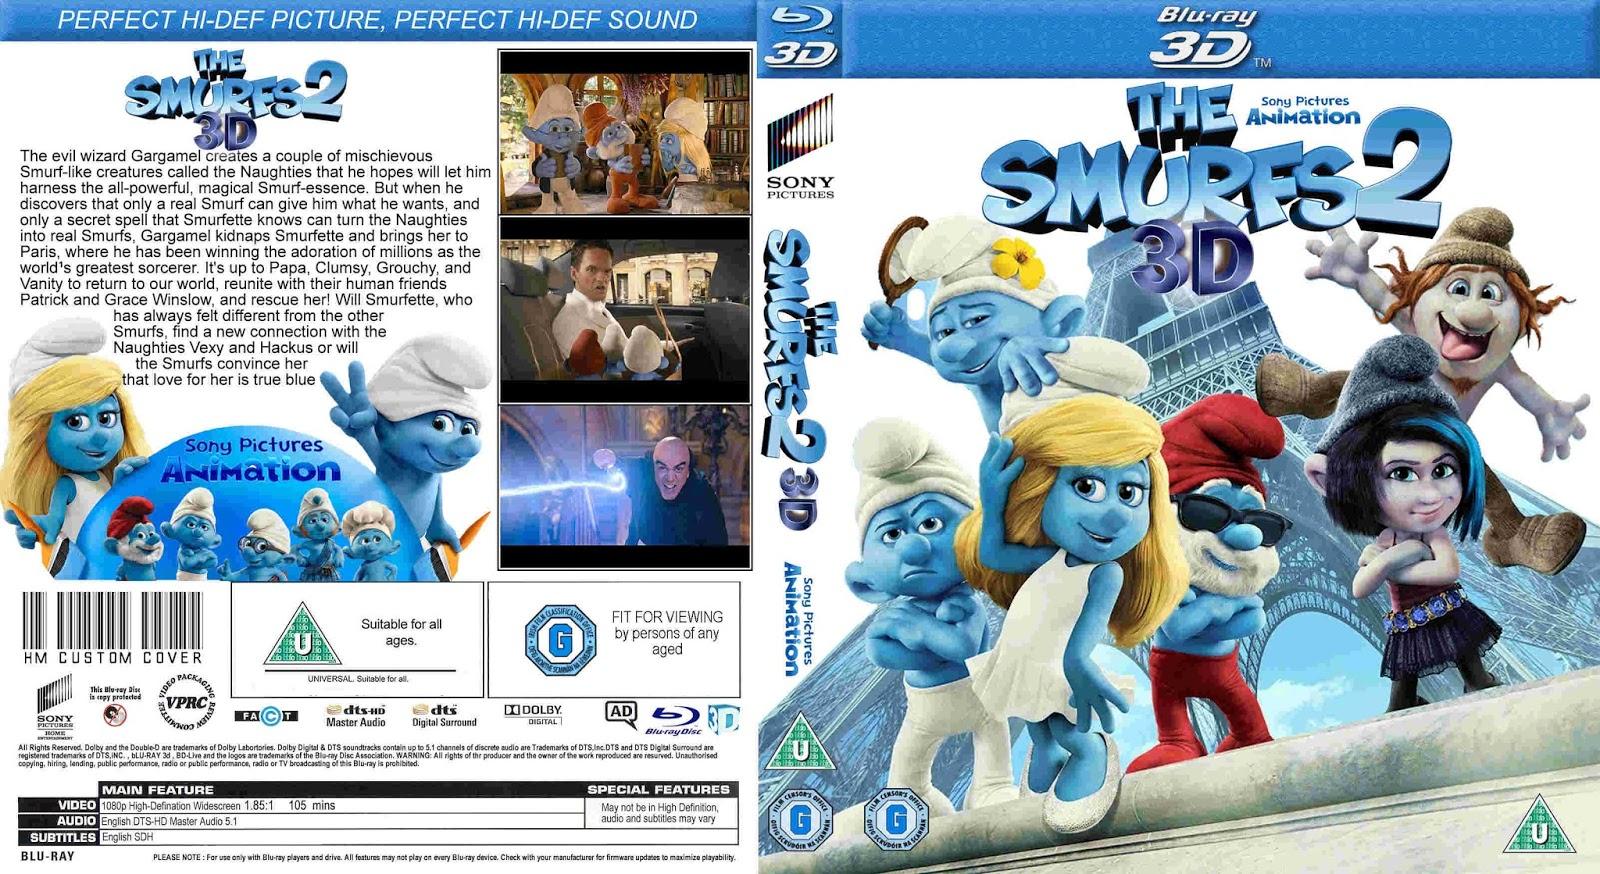 Smurfs 2 Movie 2013 The Smurfs 2 Movie Review Raja Gosnell Neil Brendan